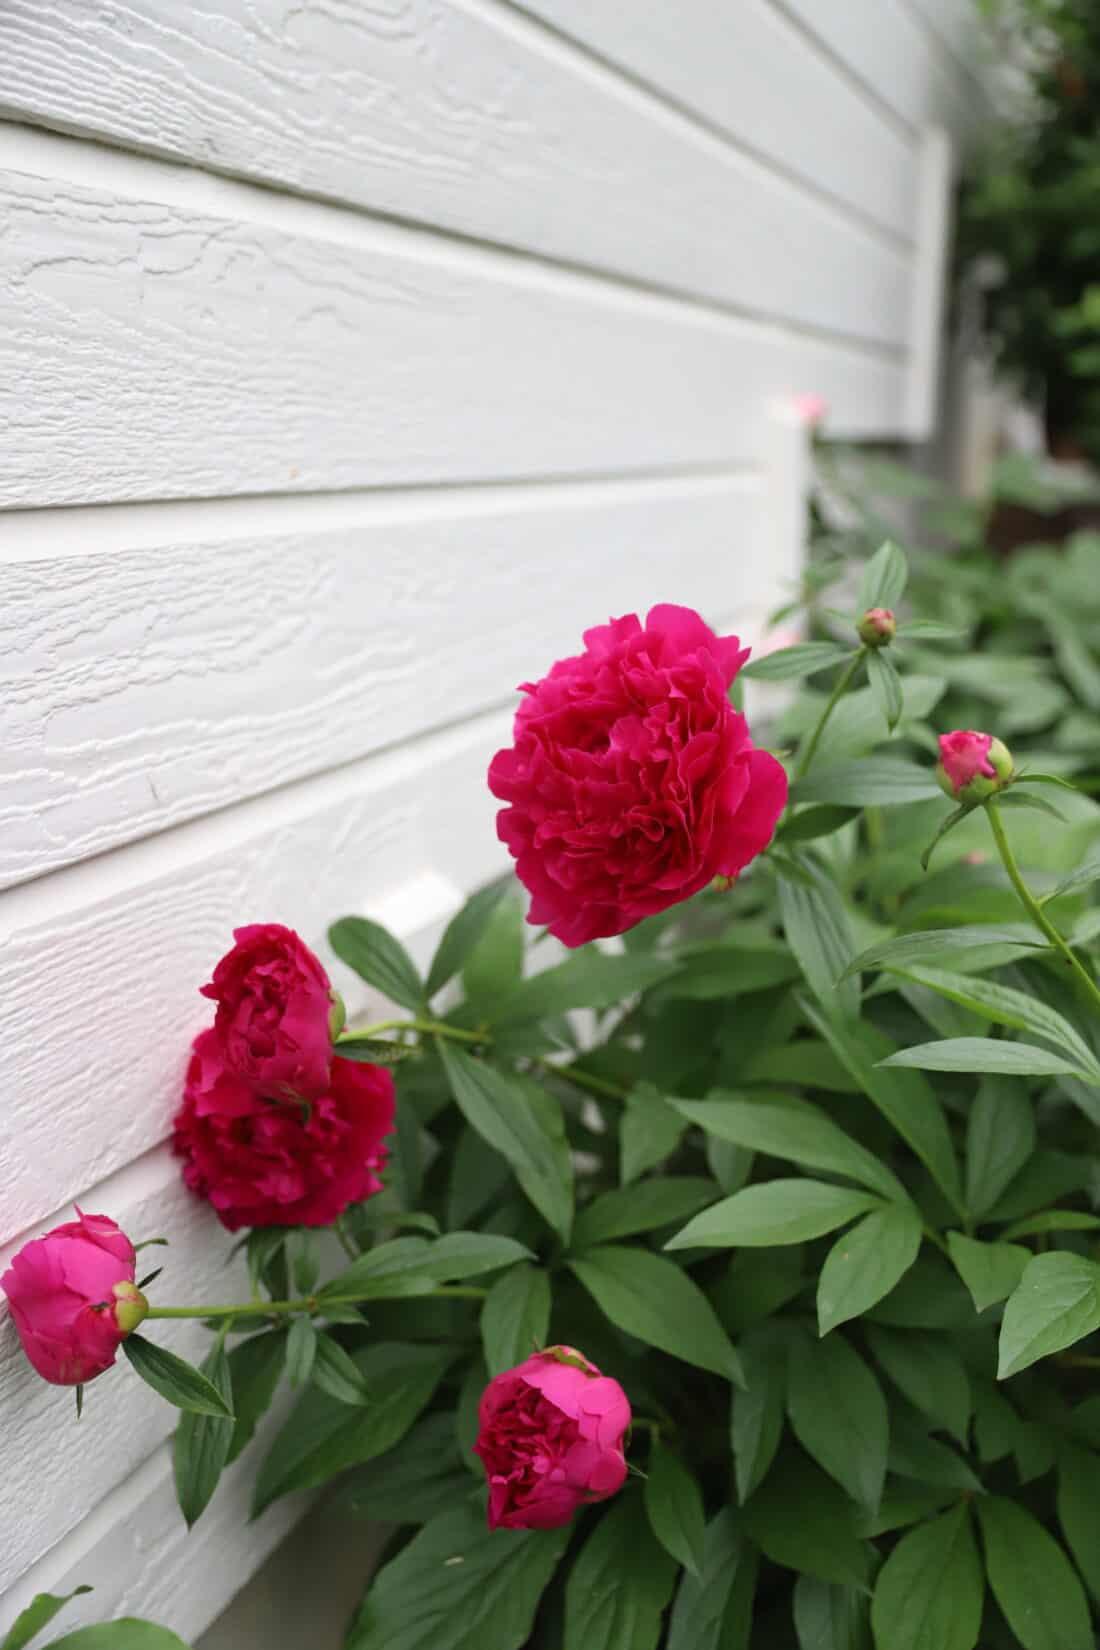 deep pink peonies in a garden